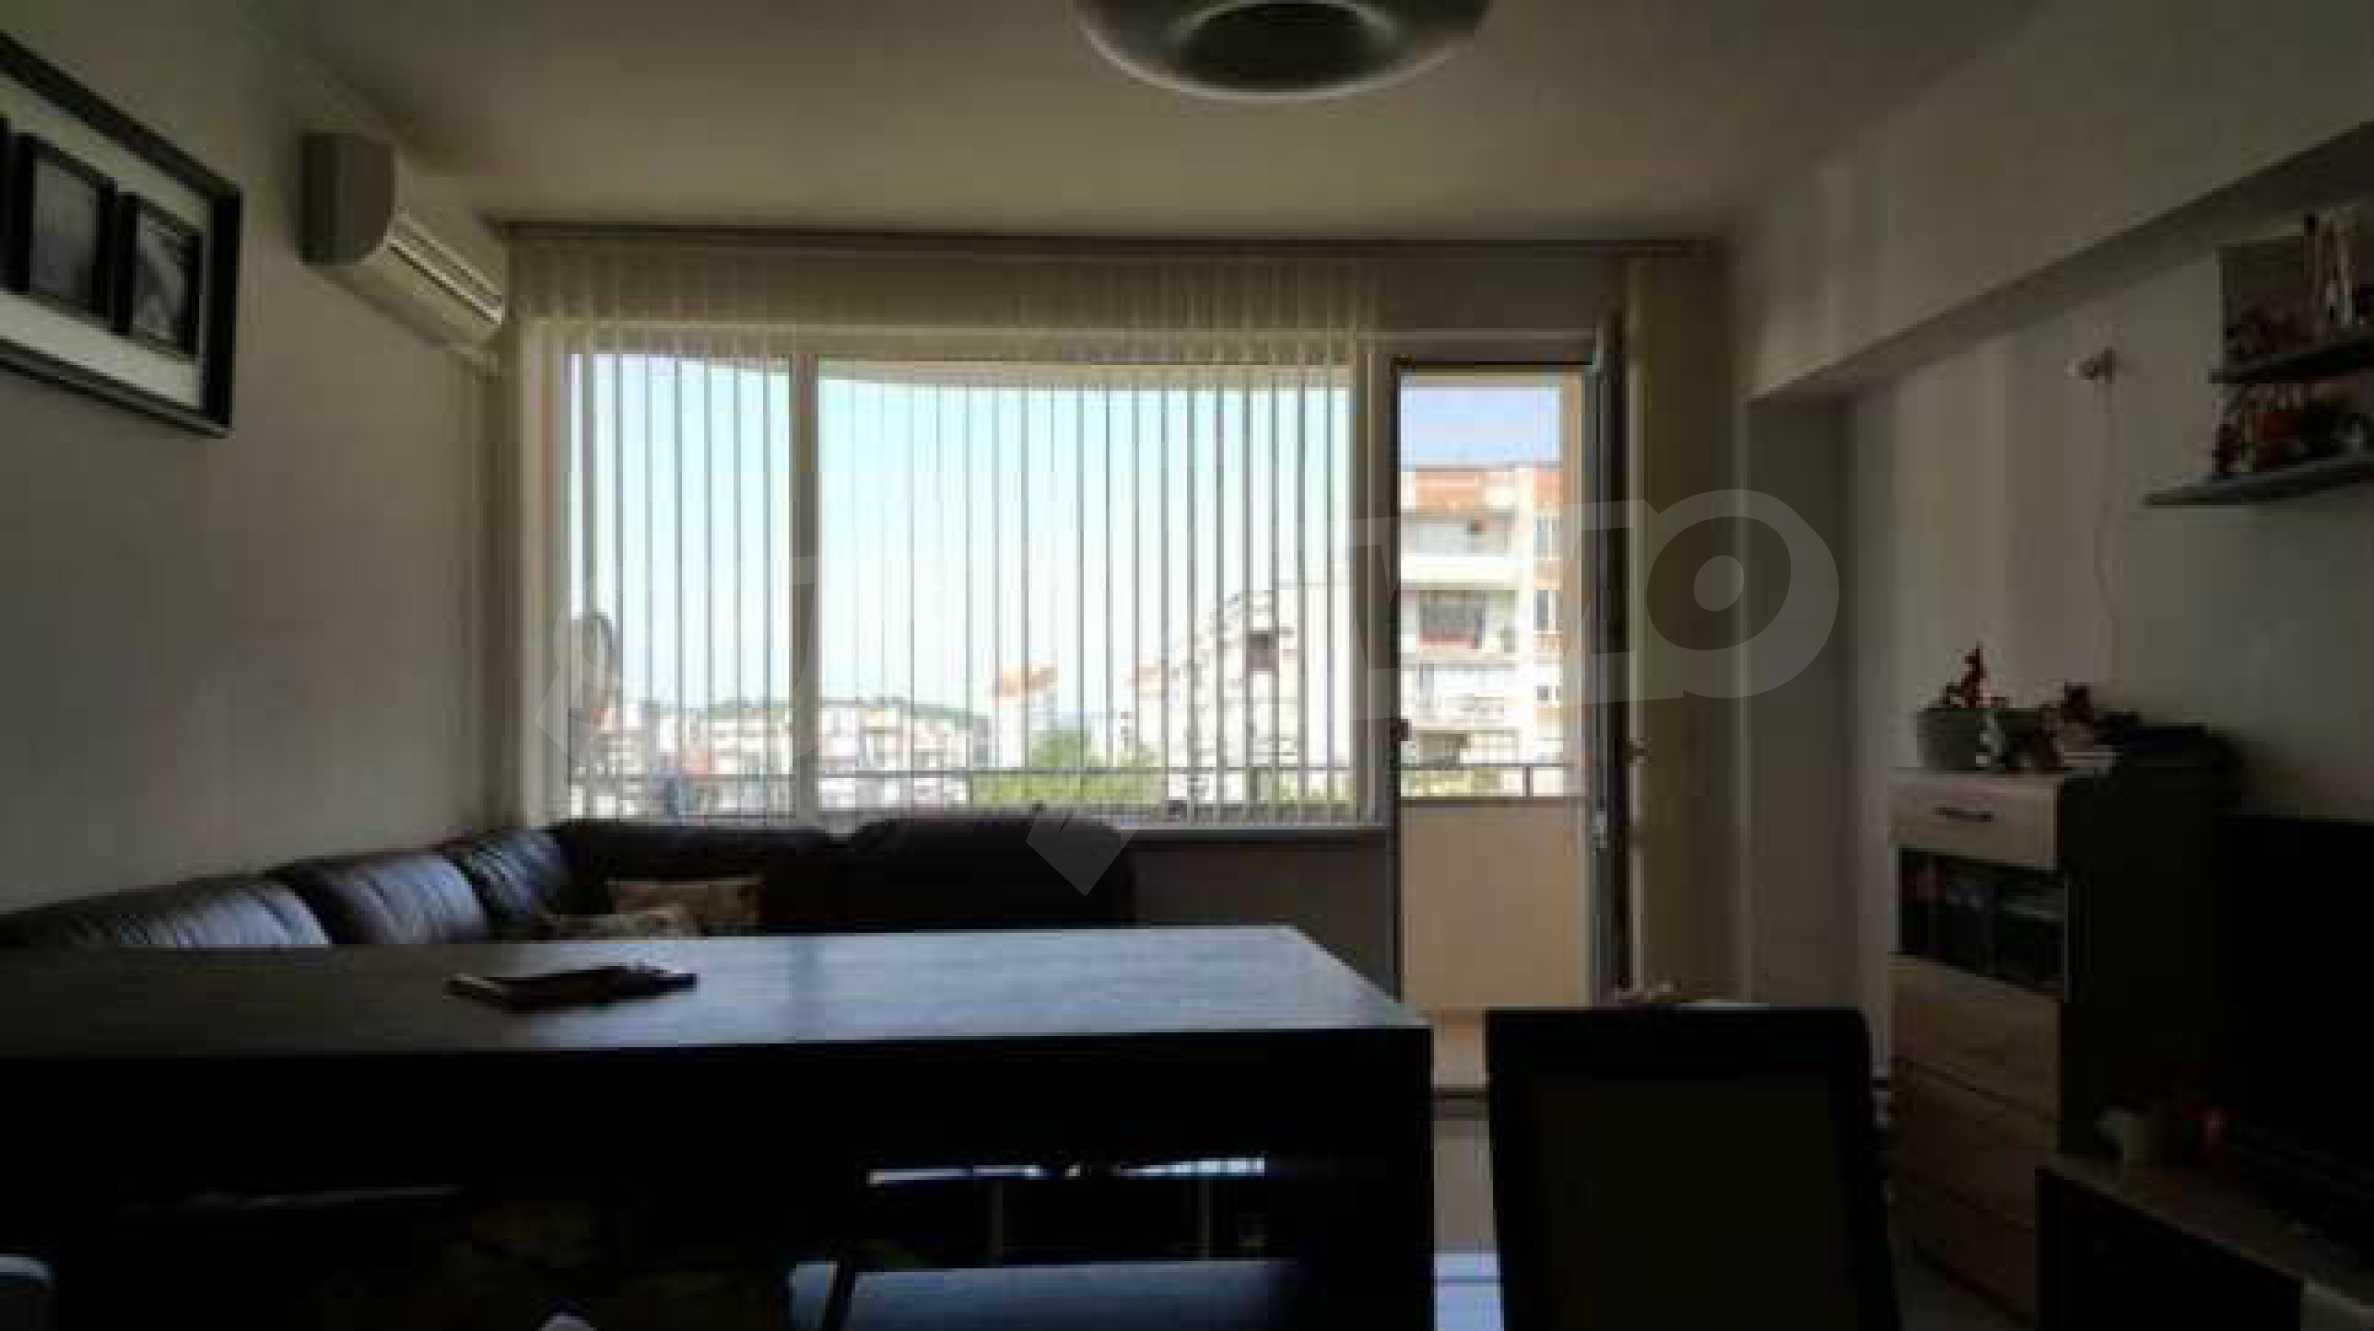 Тристаен апартамент ново строителство в предпочитан район на града 1